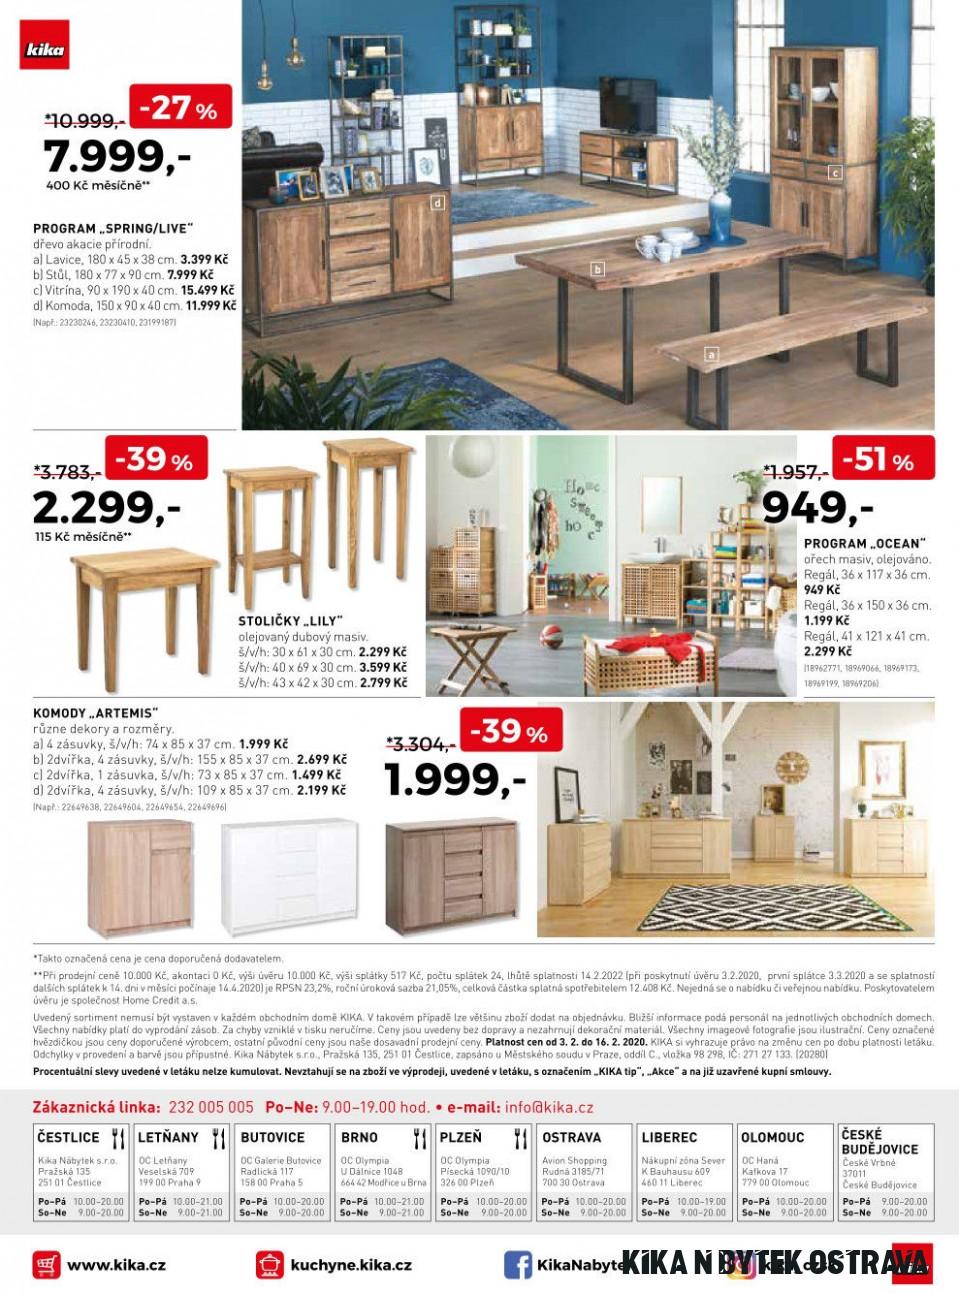 Stoličky Lily v akci Kika nábytek od 10.10.100100